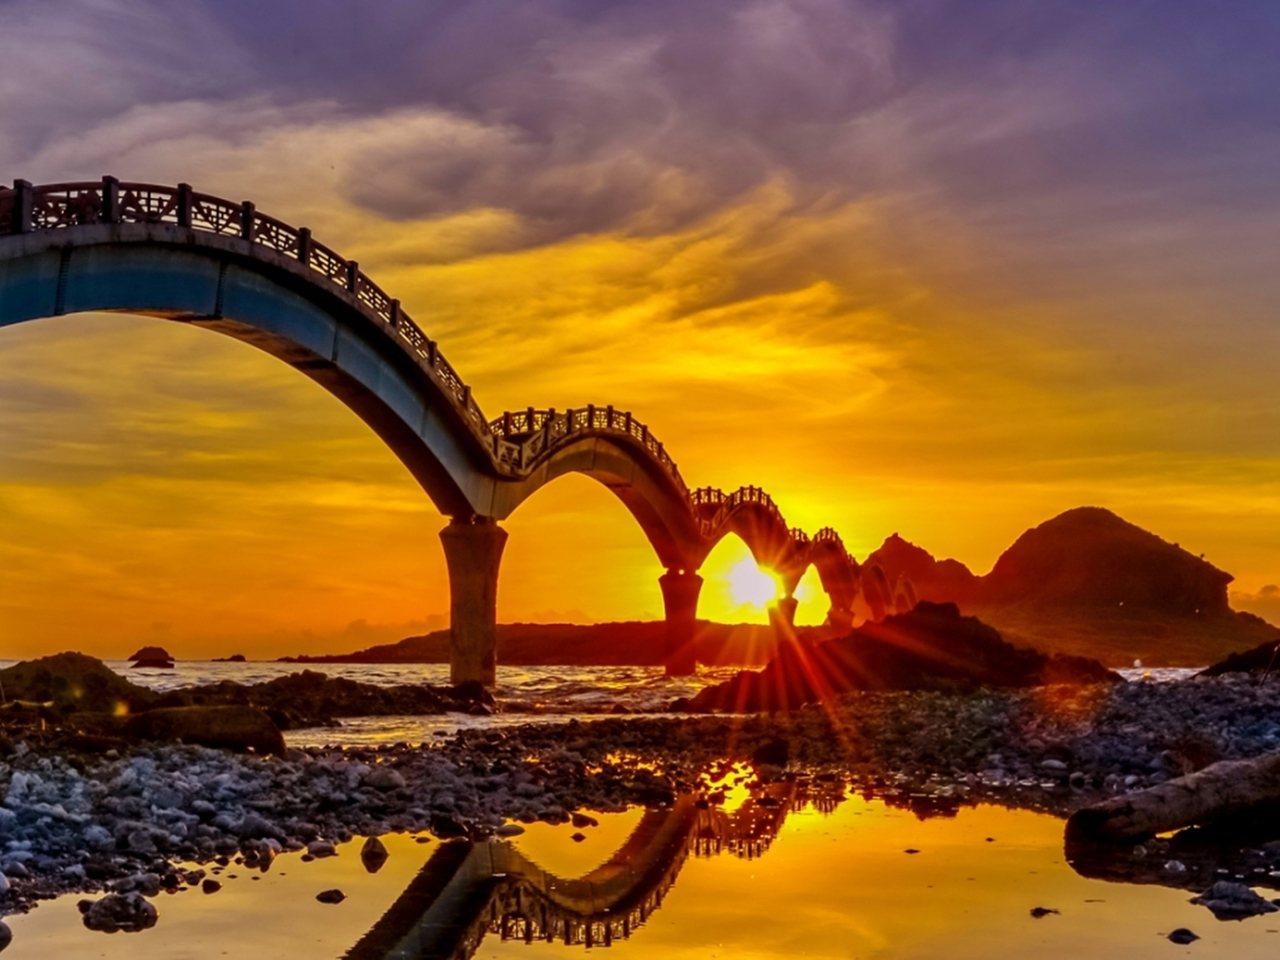 台灣好行在「東部海岸線」推出「1日券299元」,經過小野柳、水往上流、成功鎮、三...